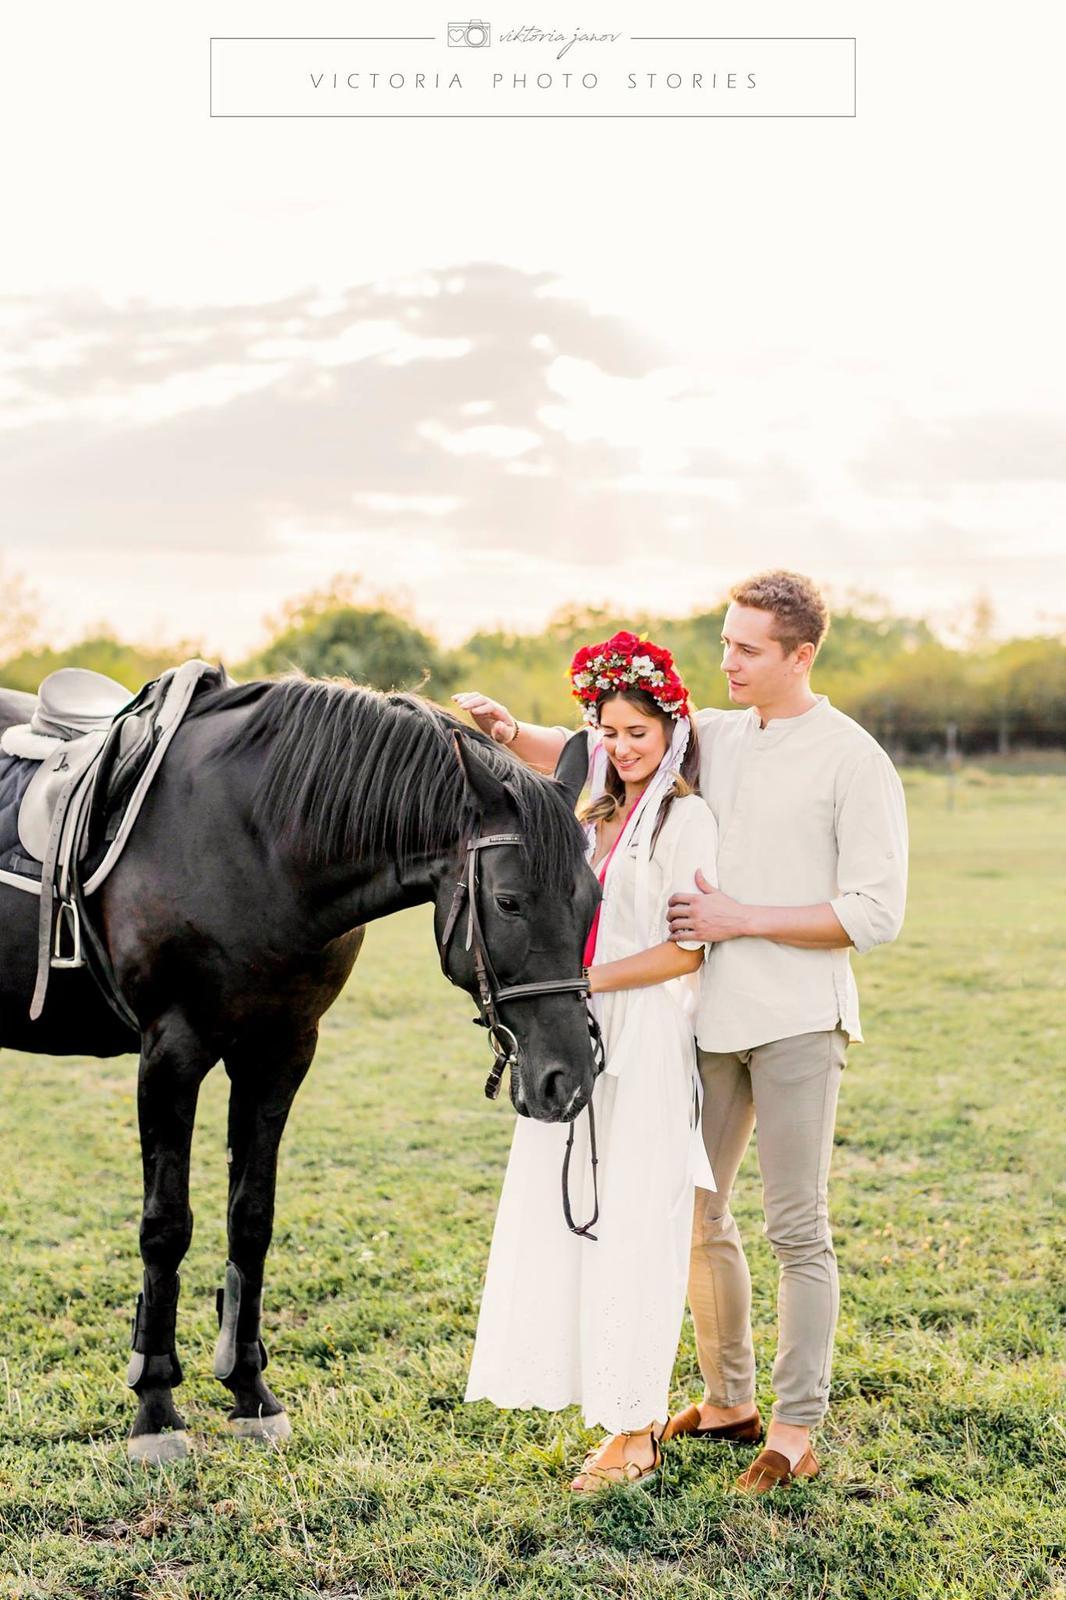 Predsvadobné fotenie s koníkmi  :) - Obrázok č. 4